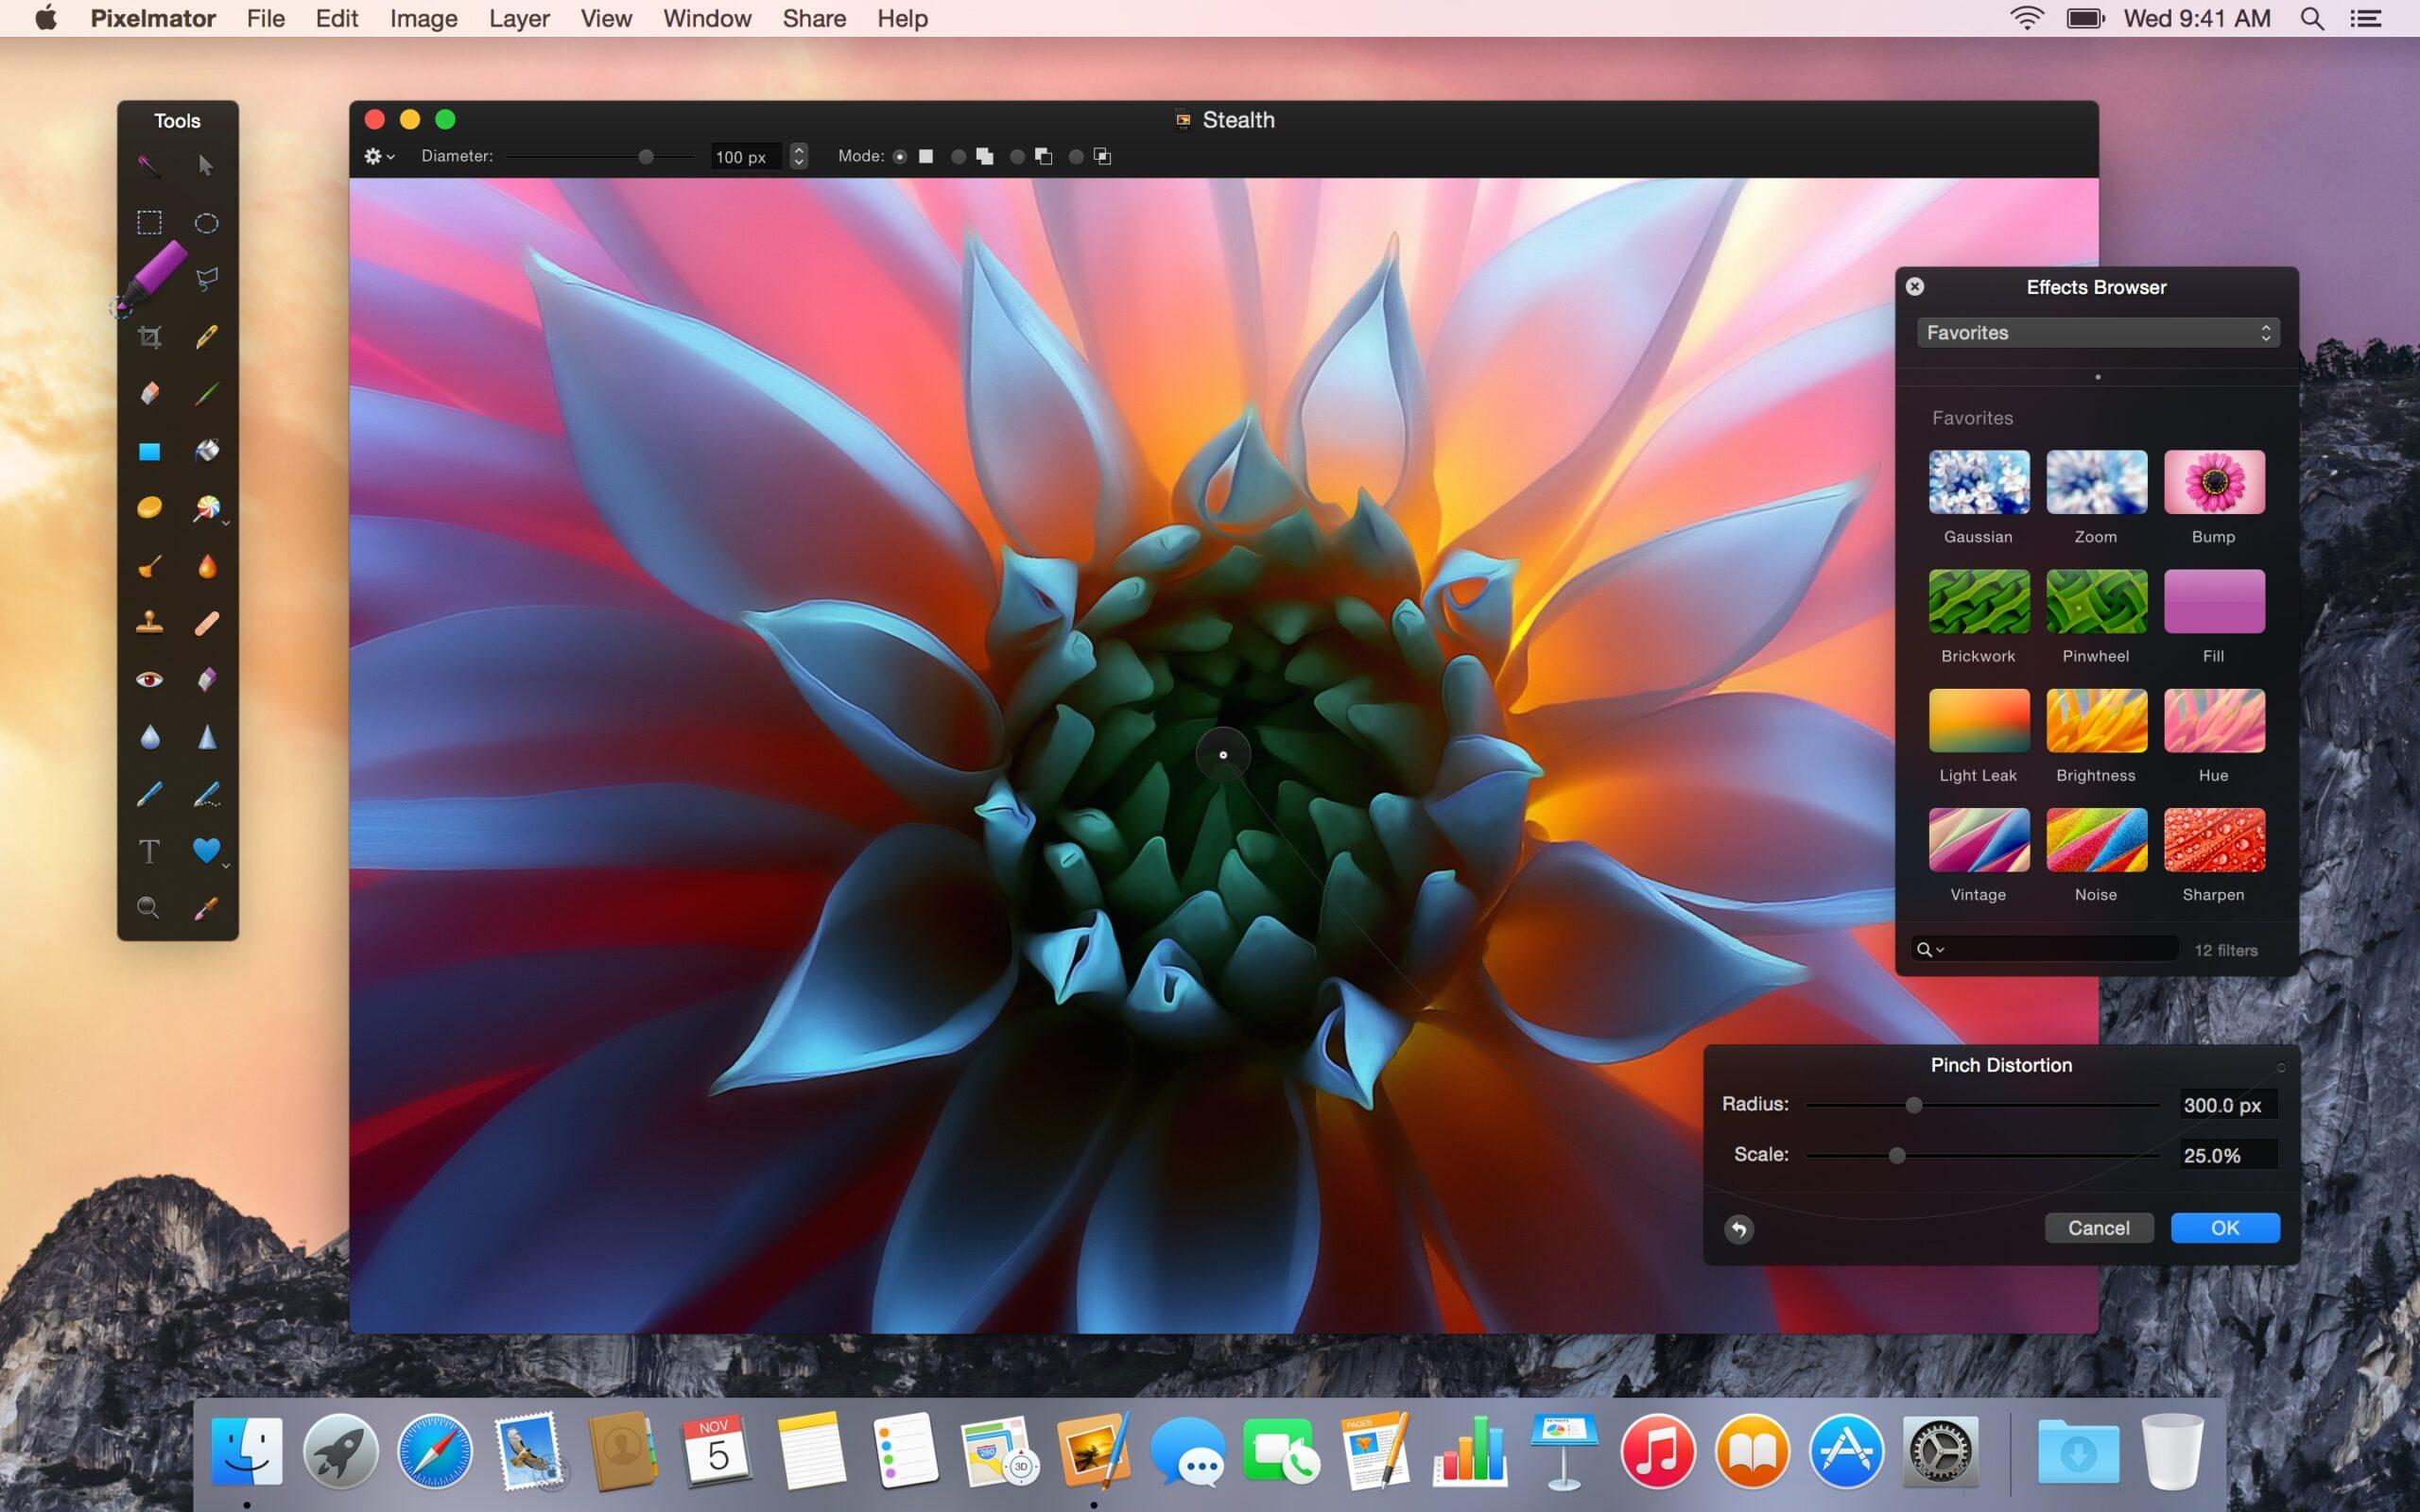 Pixelmator-3.9.2-Crack-Full-Version